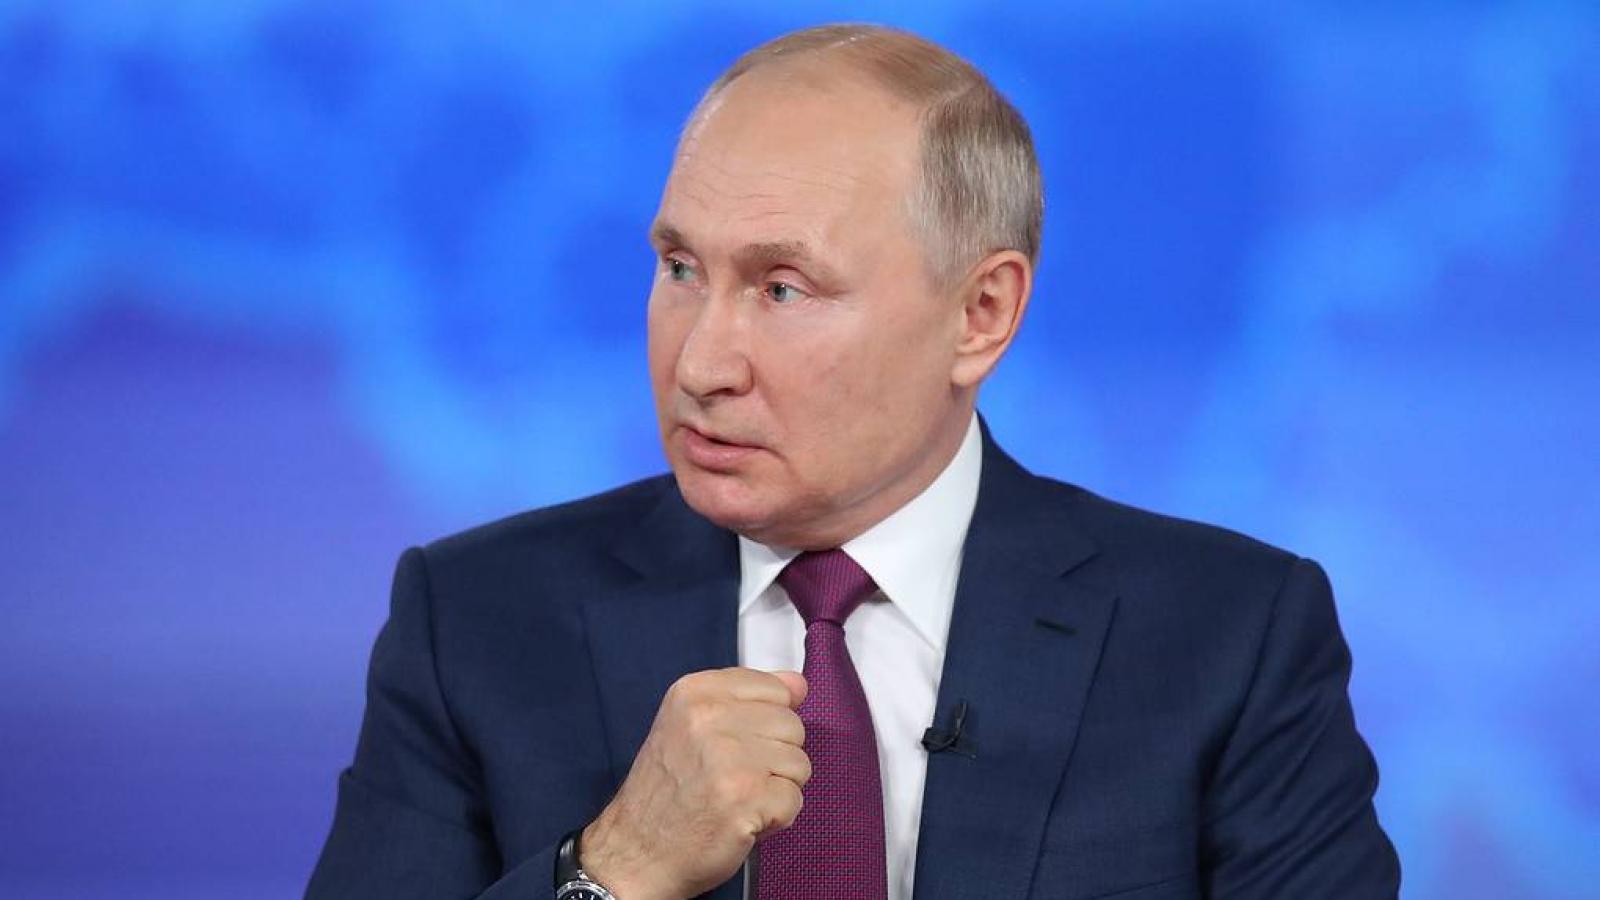 Tổng thống Putin: Mỹ biết thế giới đang thay đổi nhưng vẫn muốn giữ vị trí chi phối